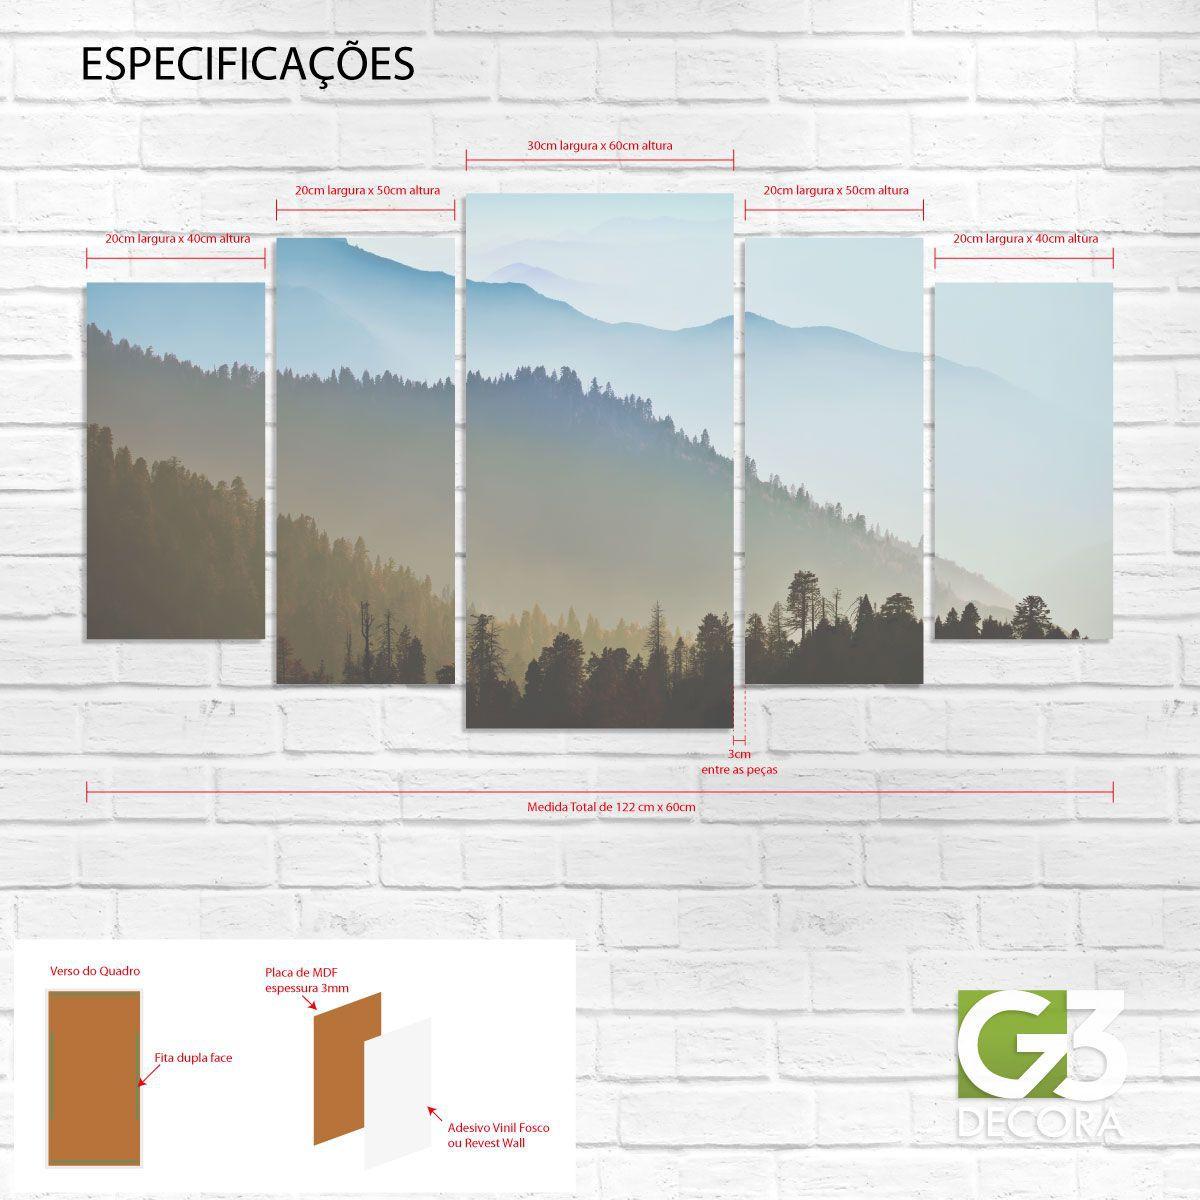 Quadro Decorativo – QD003  - Papel de parede - G3decora